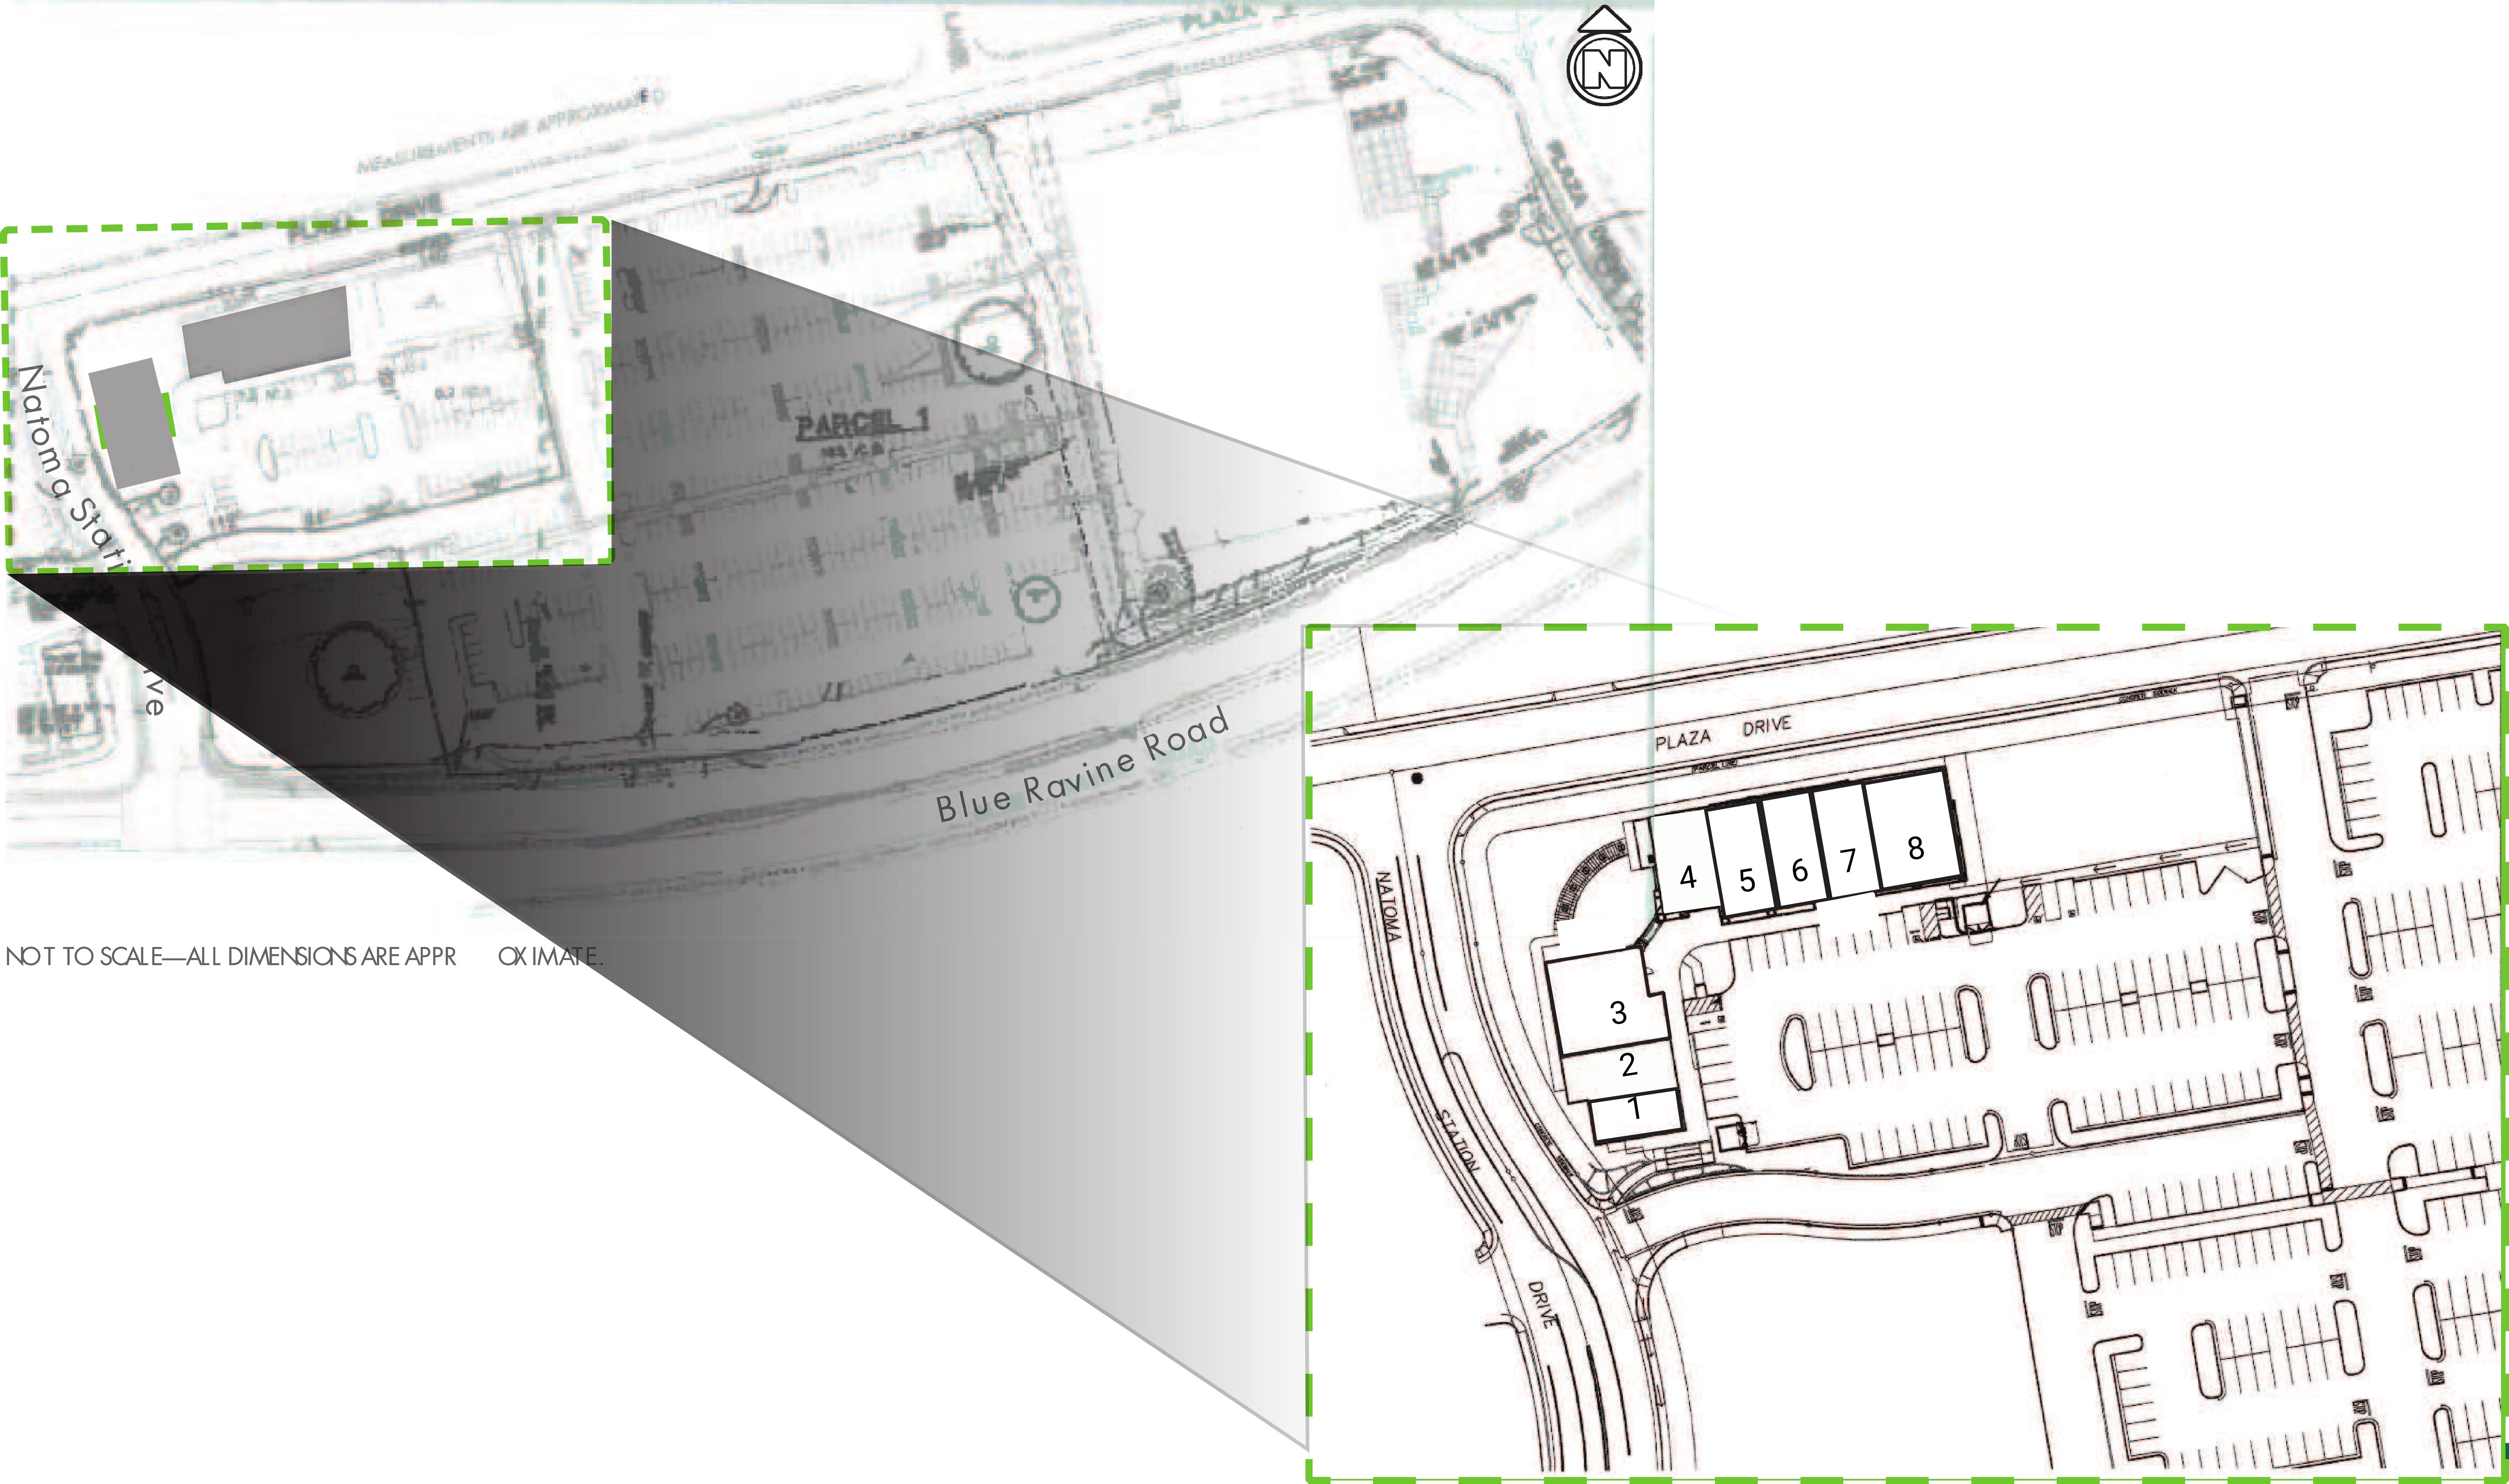 Blue Ravine Strip Center: site plan